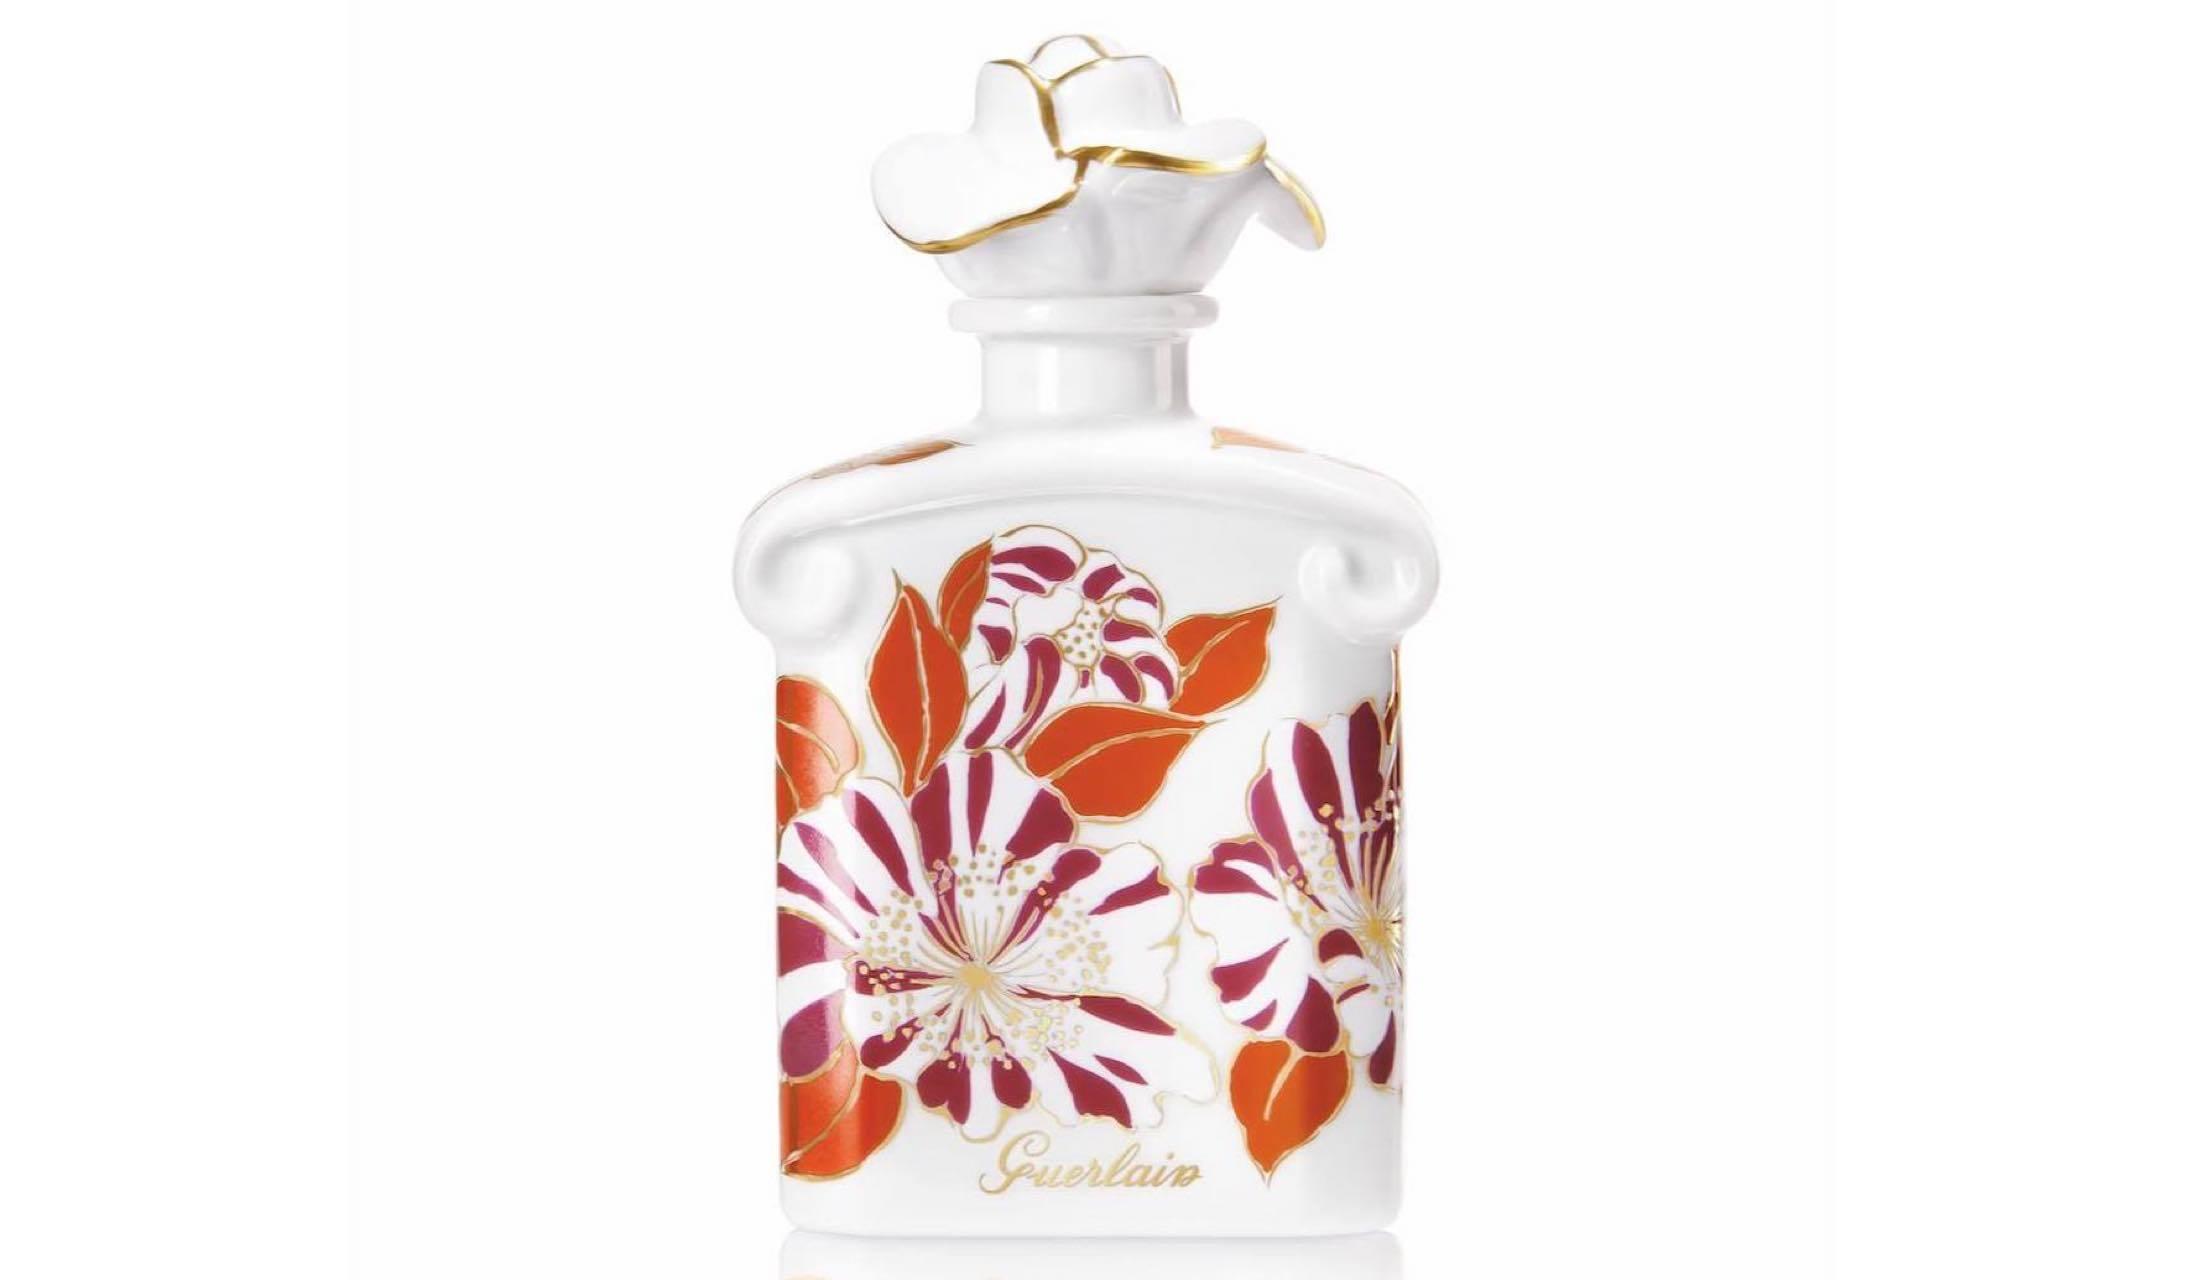 色鮮やかな花々が描かれたアートなゲランのボトル香水